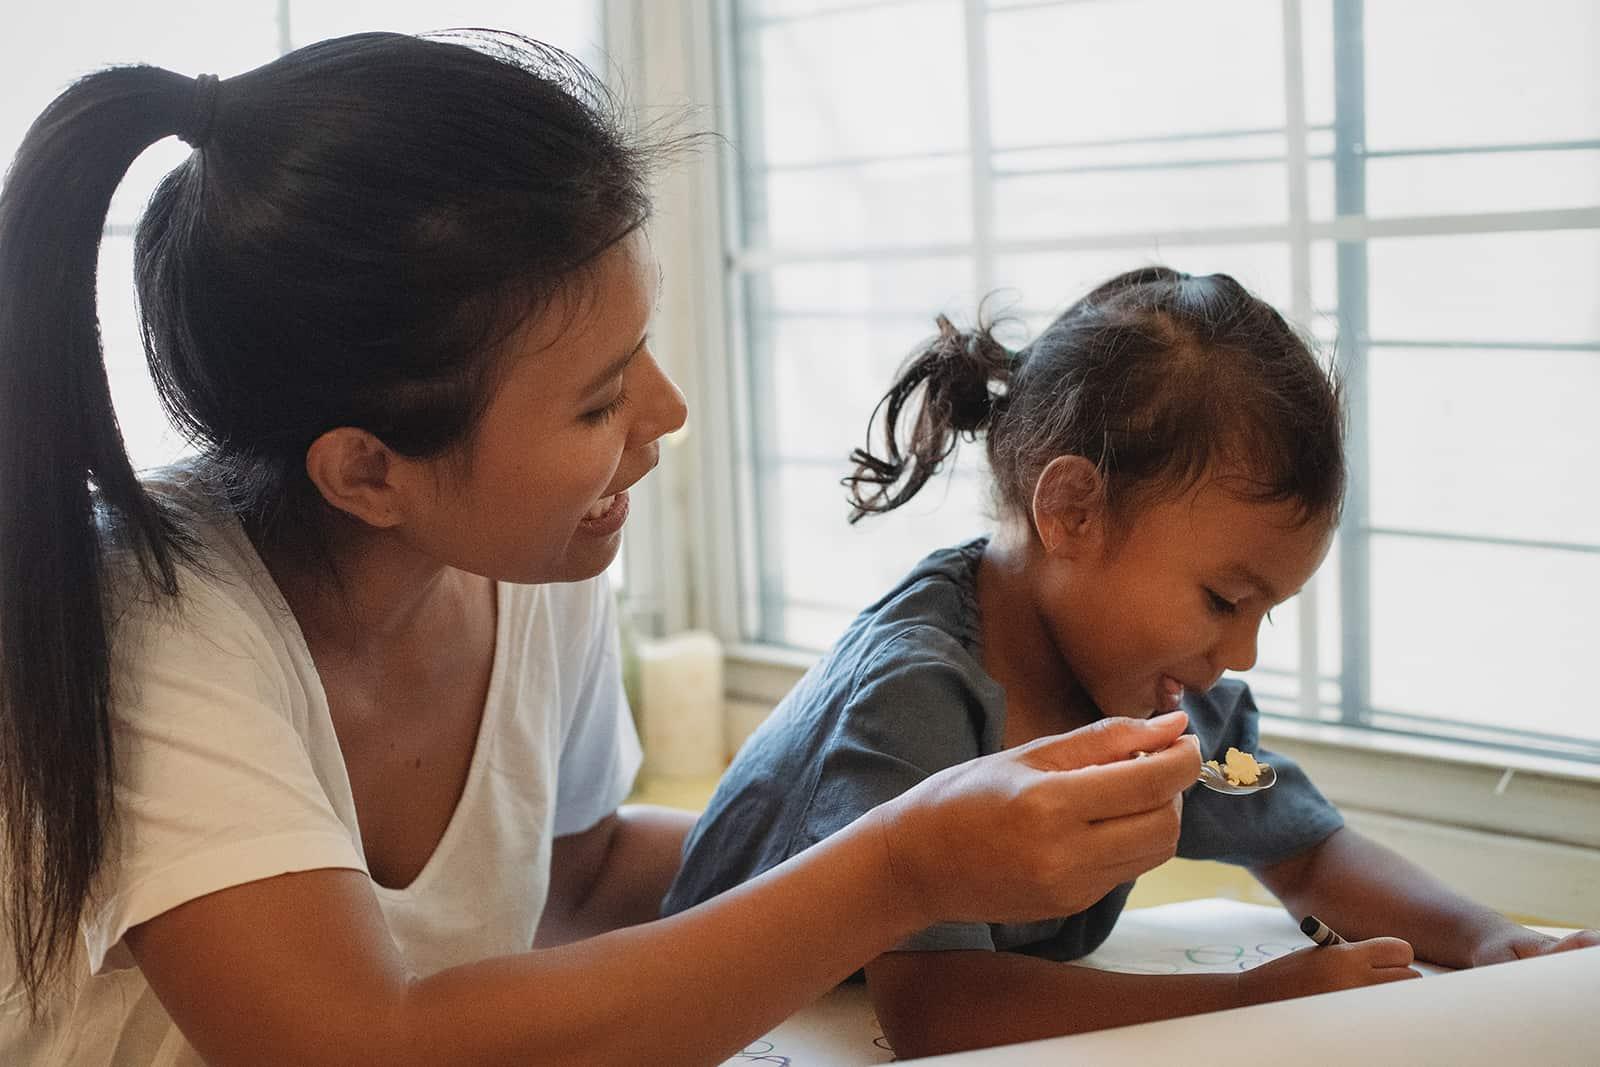 eine Mutter füttert ihr Kind zu Hause